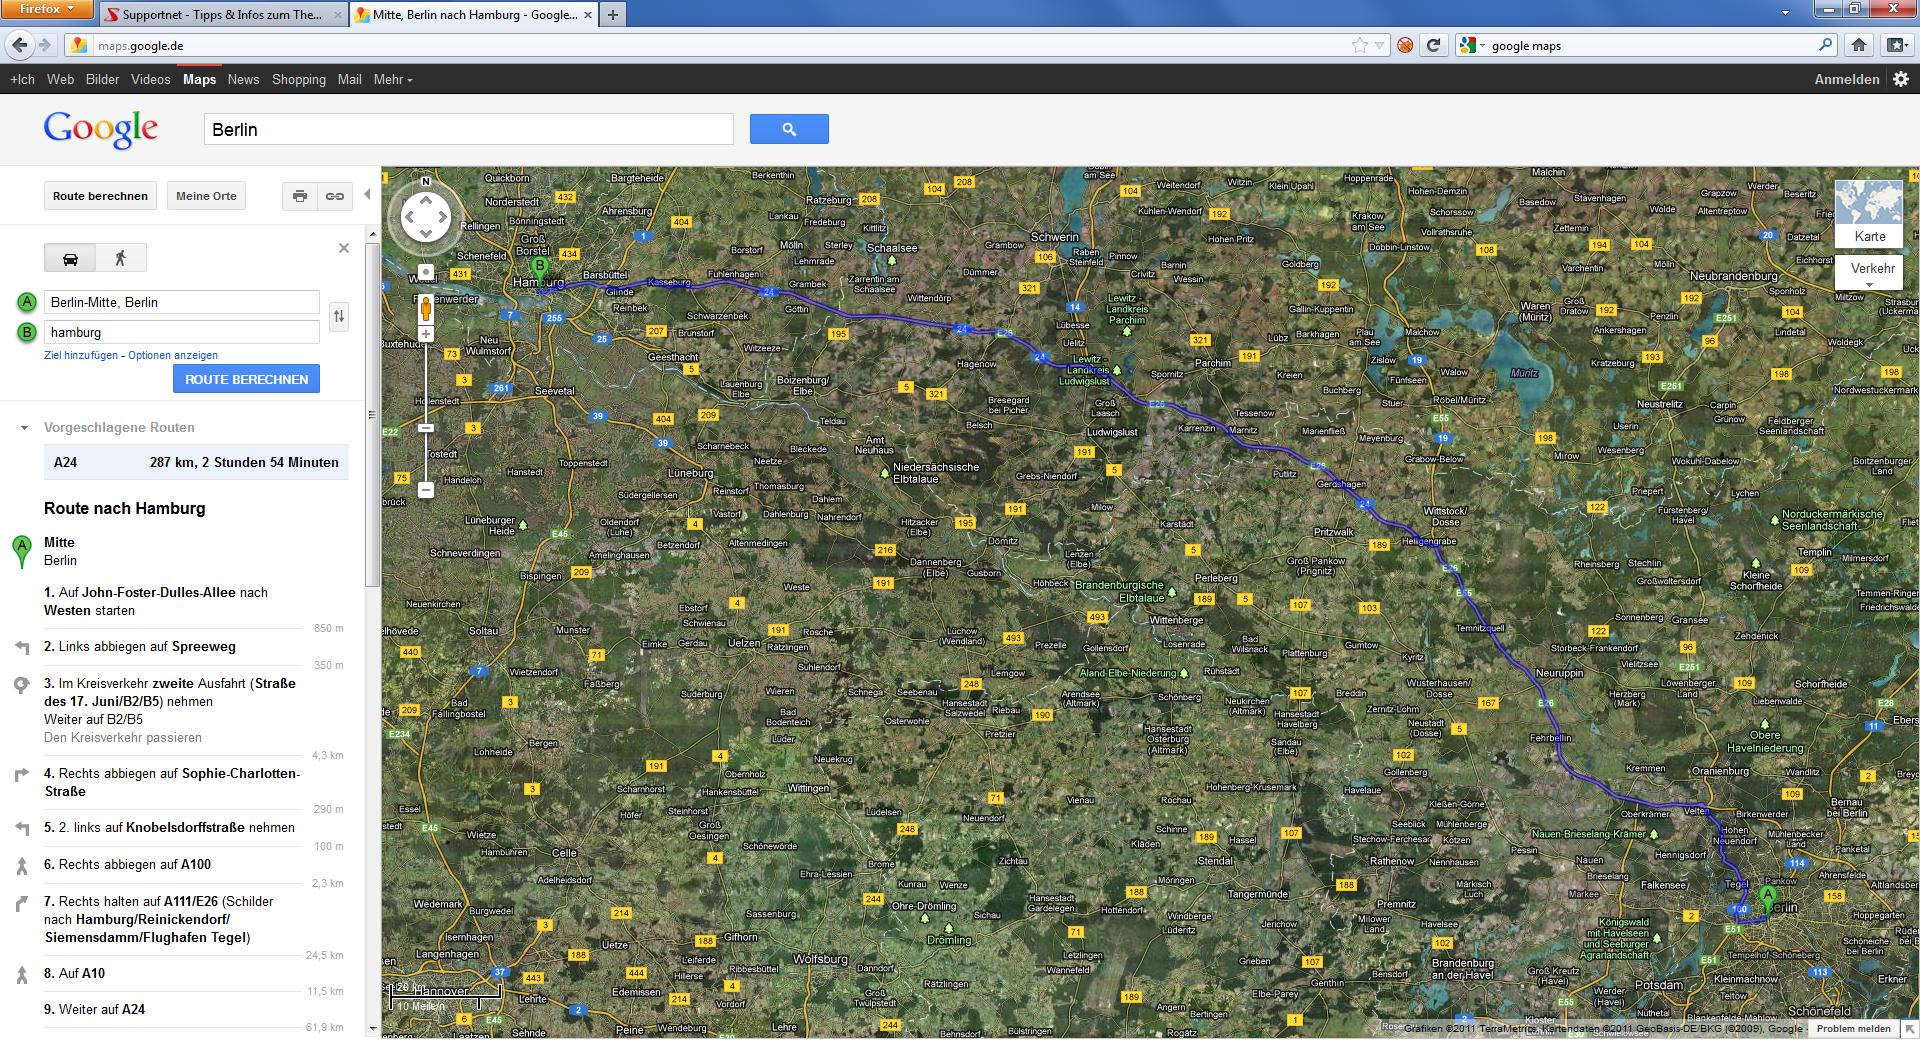 09-google-maps-die-welt-von-oben-streetview-route-470.png?nocache=1325766460370